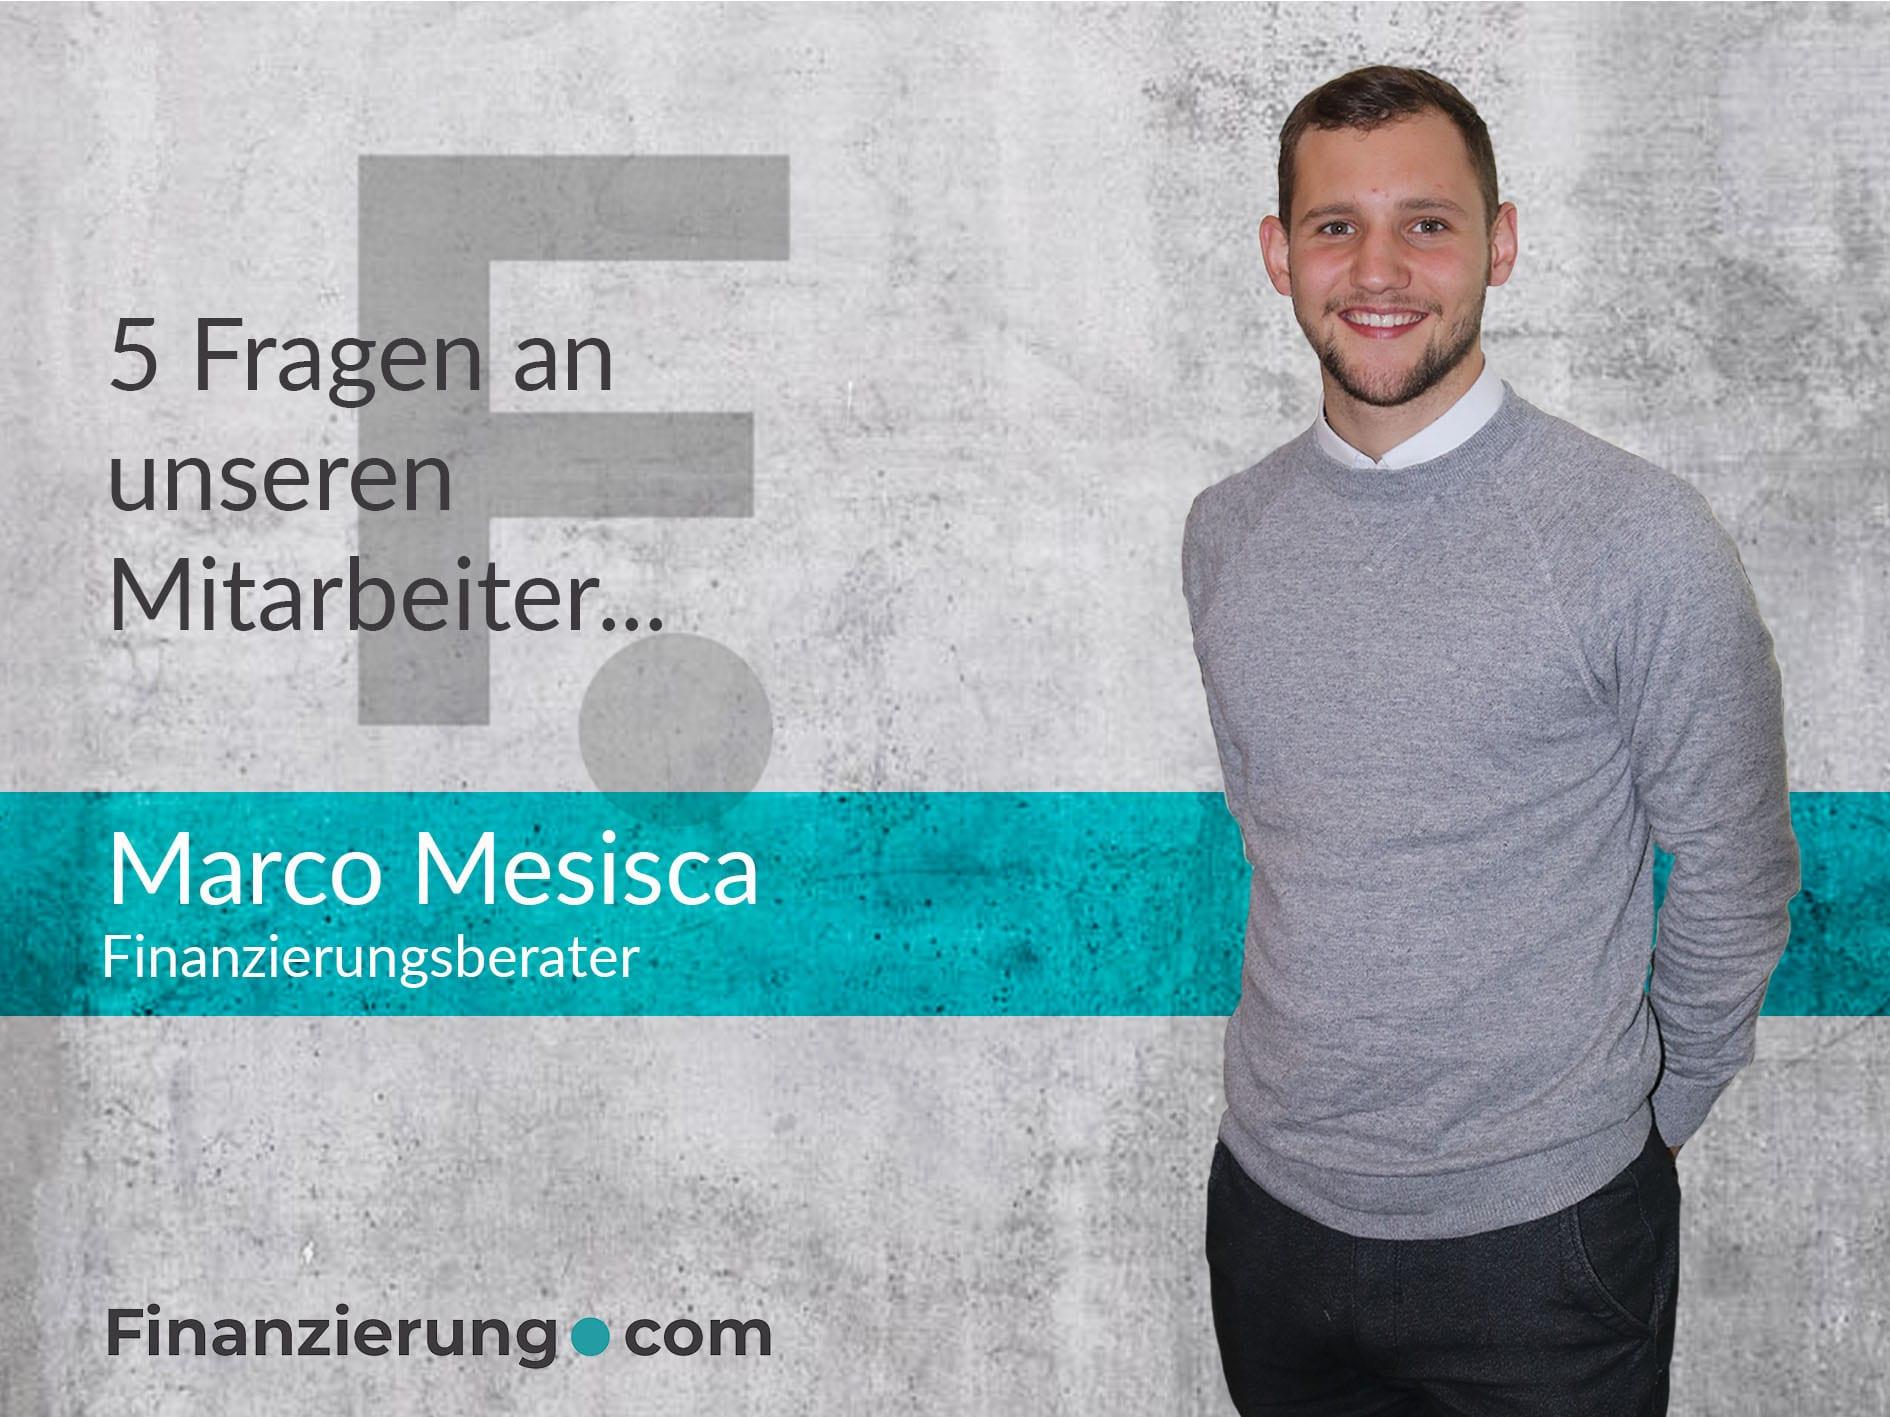 Marco Mesisca Vorstellung